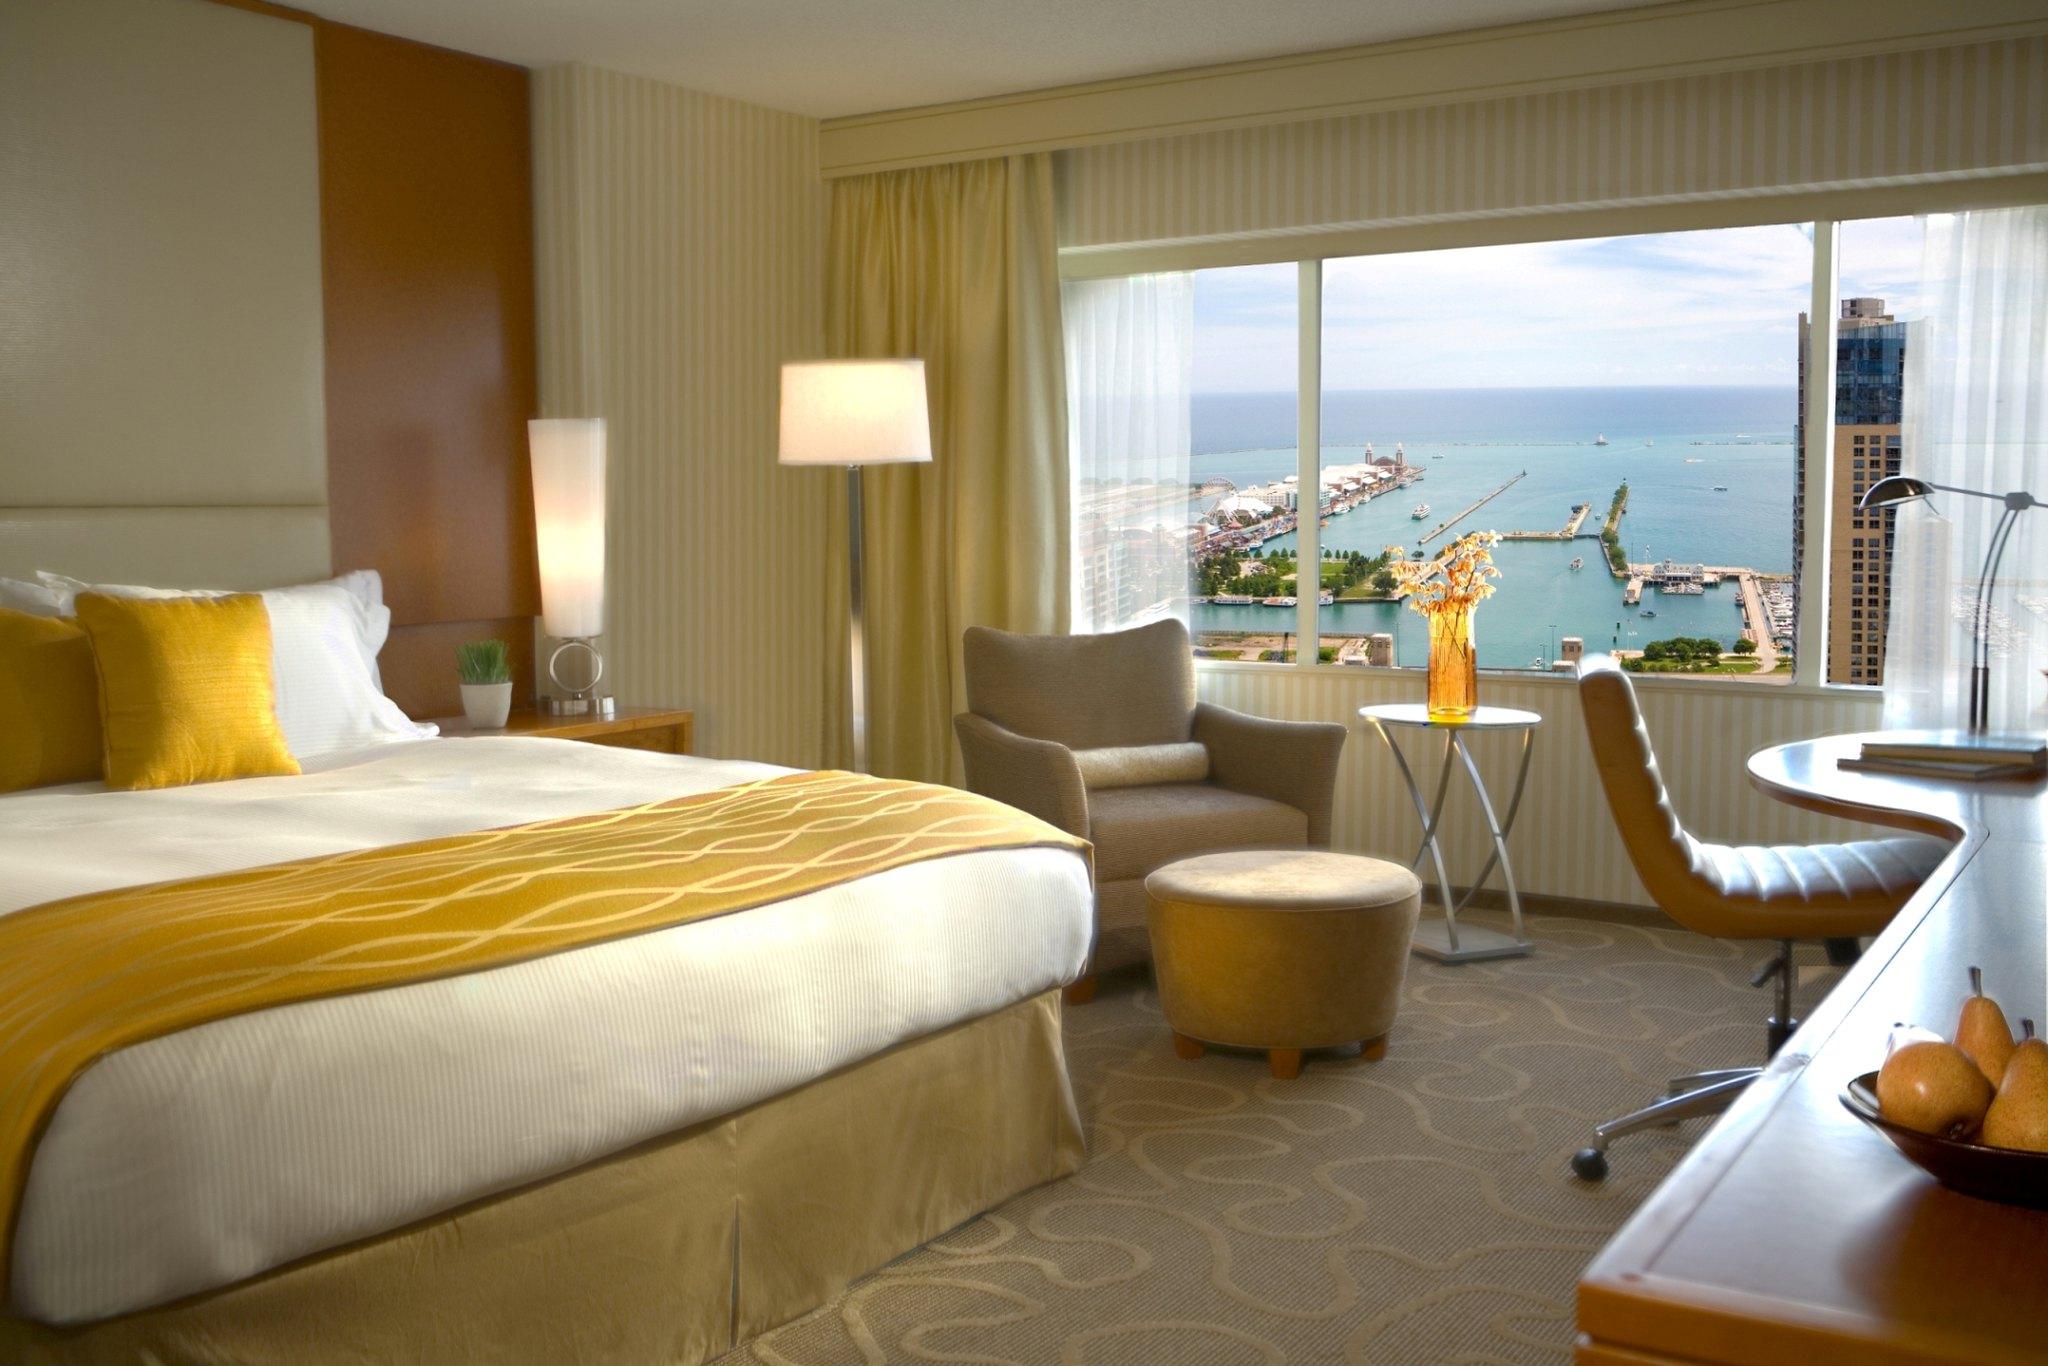 Swissôtel-Chicago-Guest-room